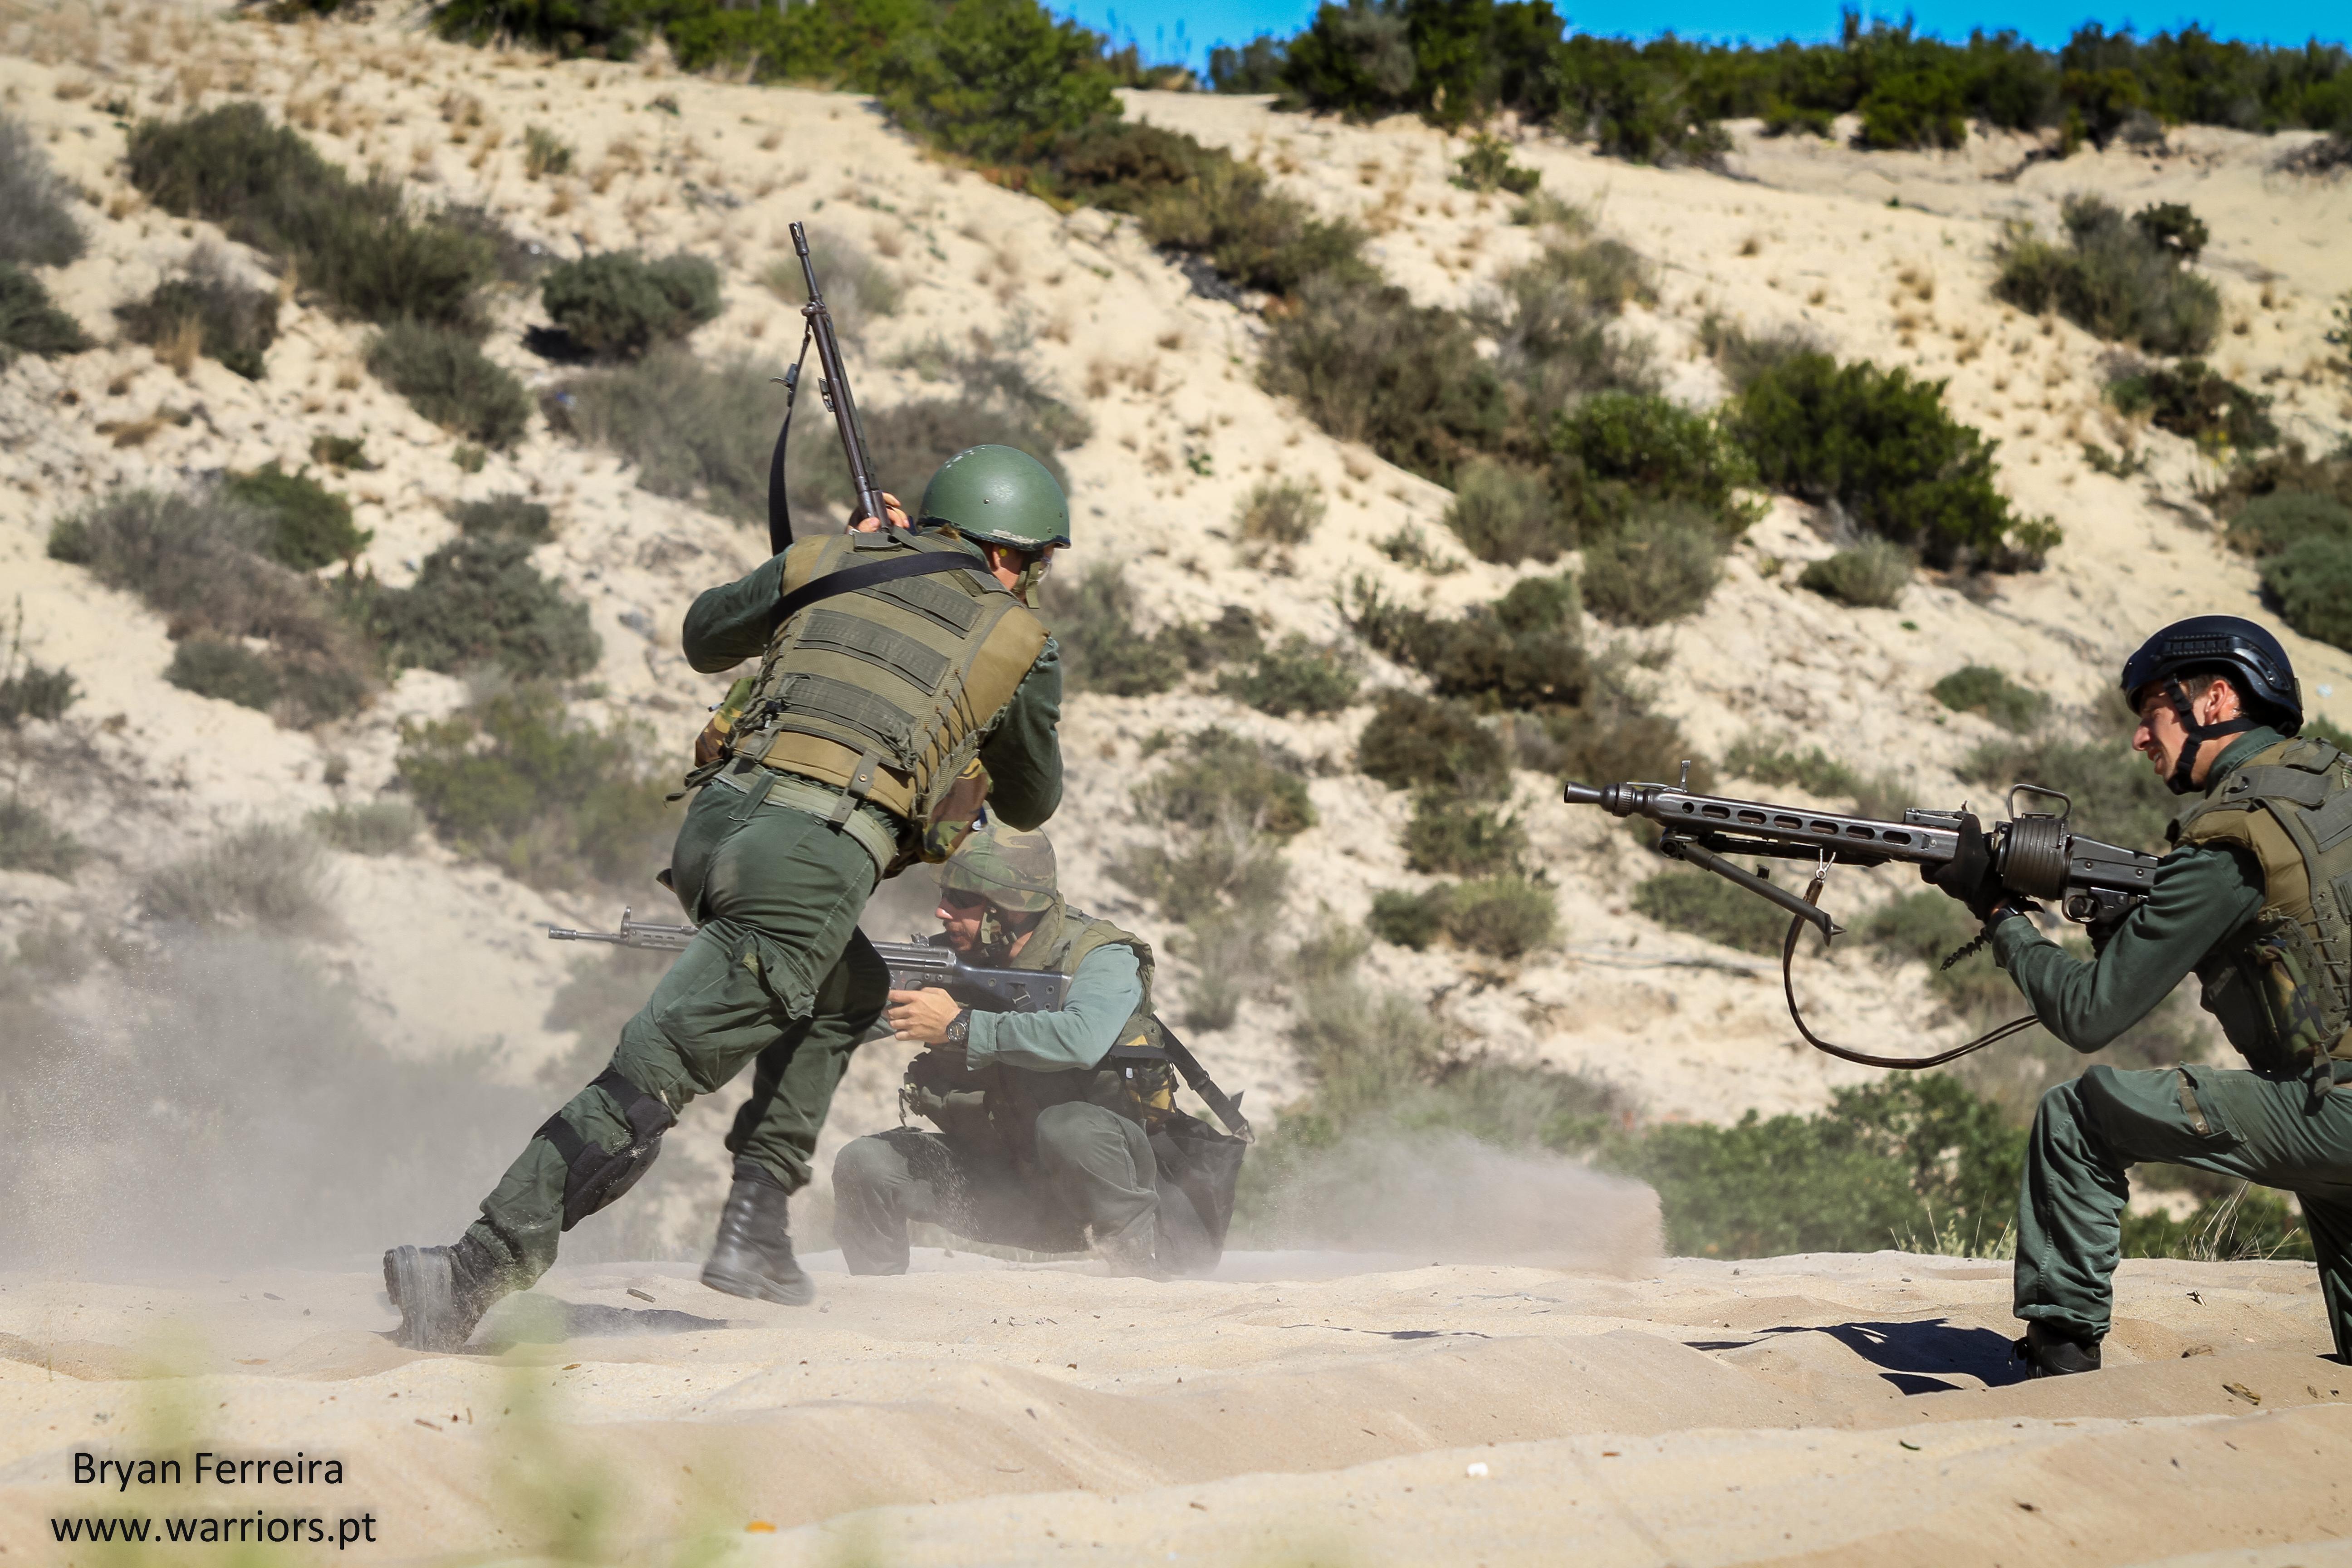 Fuzileiros Portugueses executam uma manobra de center peel. Manobra esta muito importante em espaços/àreas confinados